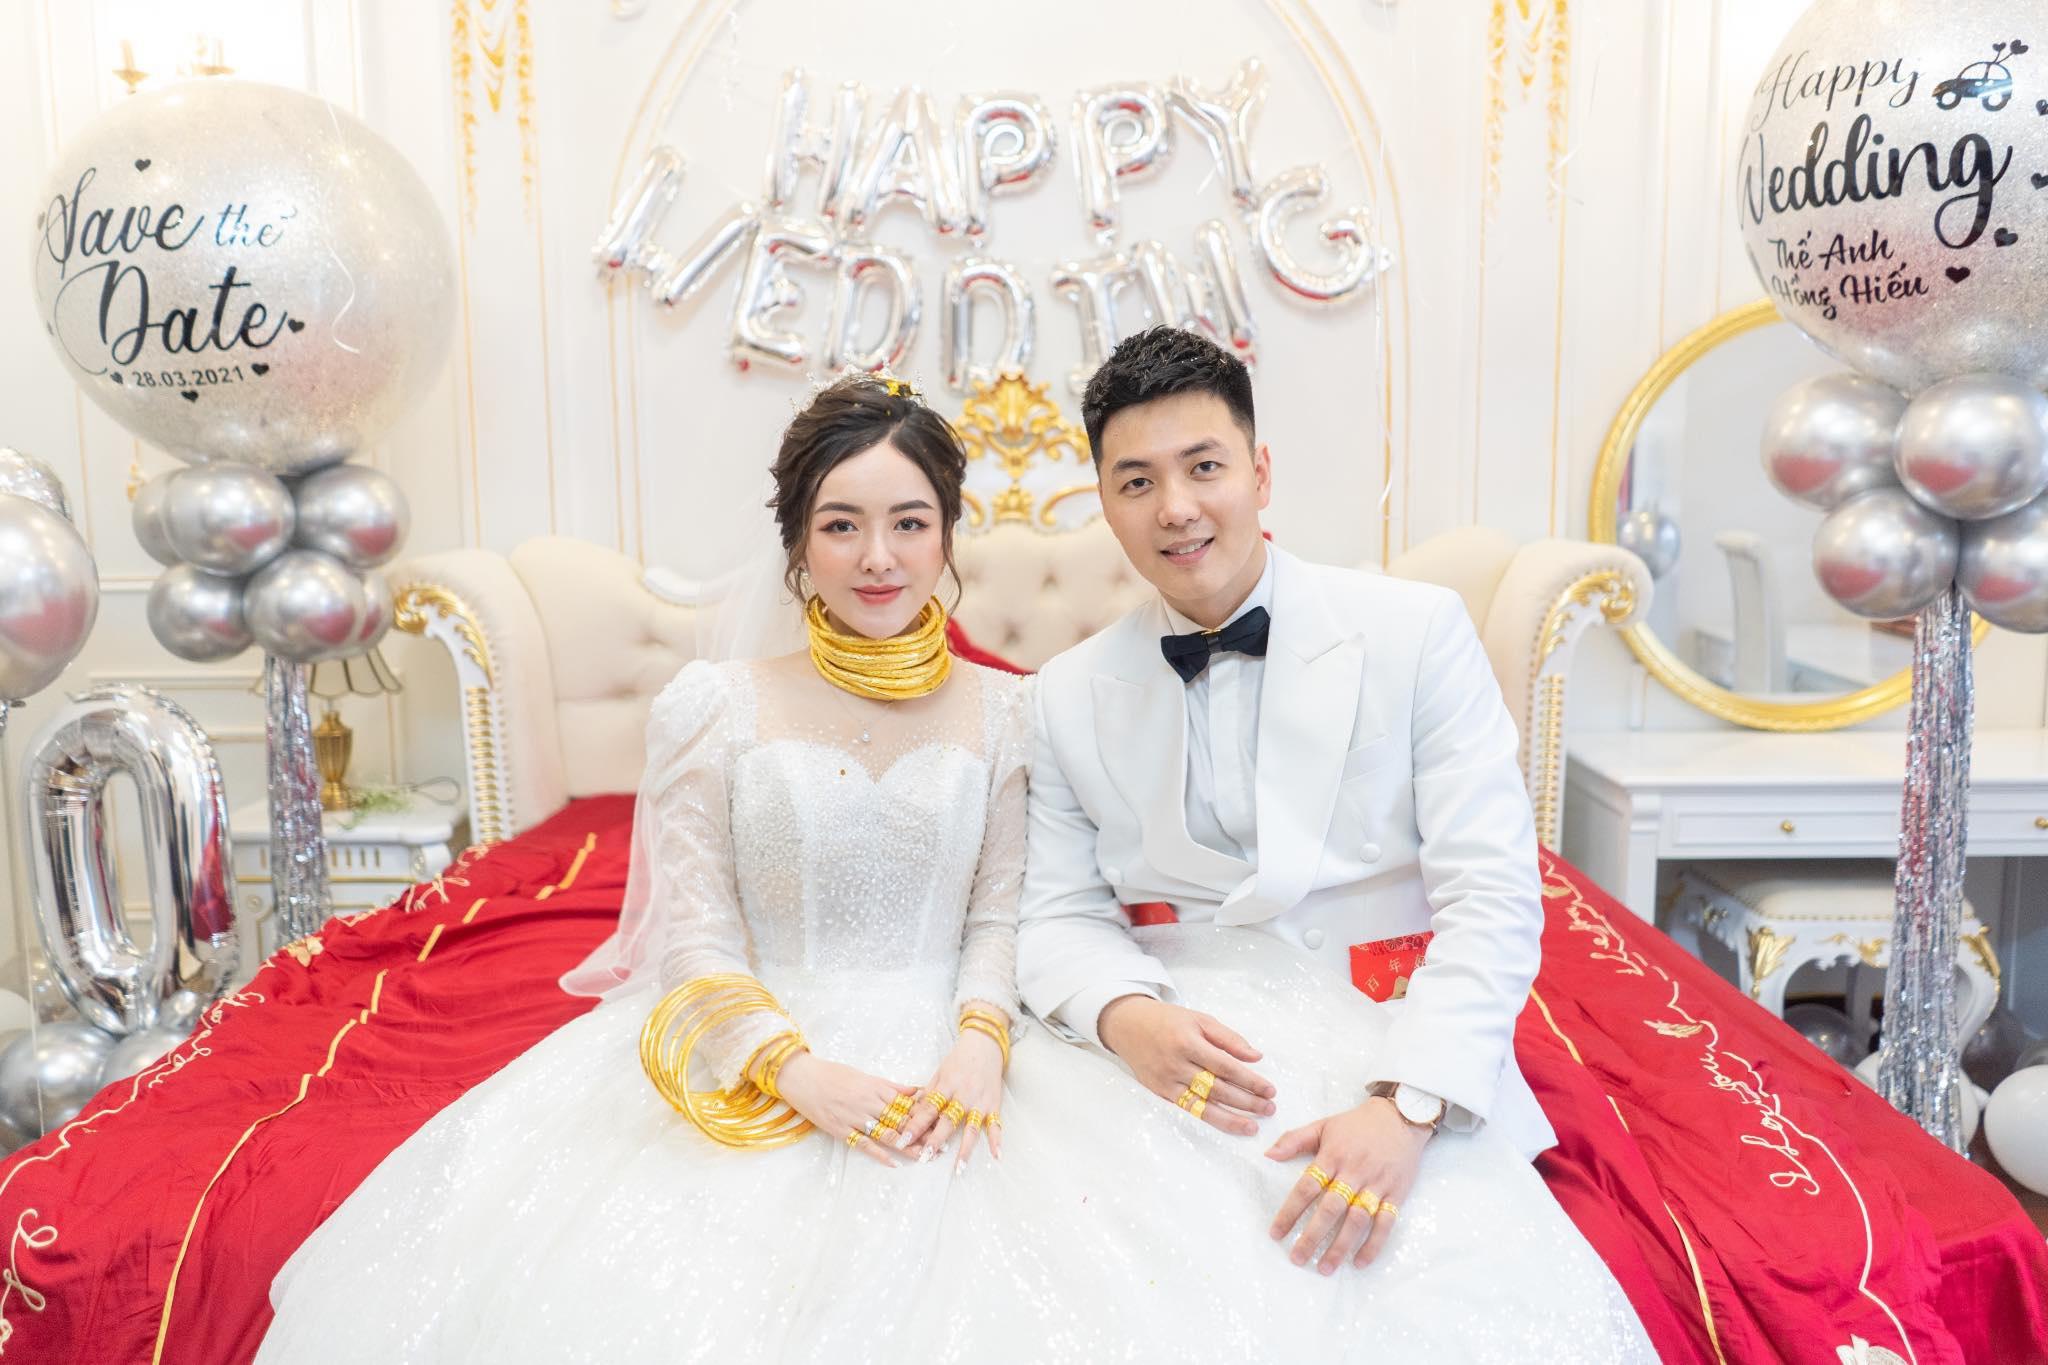 Cô dâu 9X xinh đẹp đeo vàng trĩu cổ, kín tay trong ngày cưới gây sốt mạng - 2